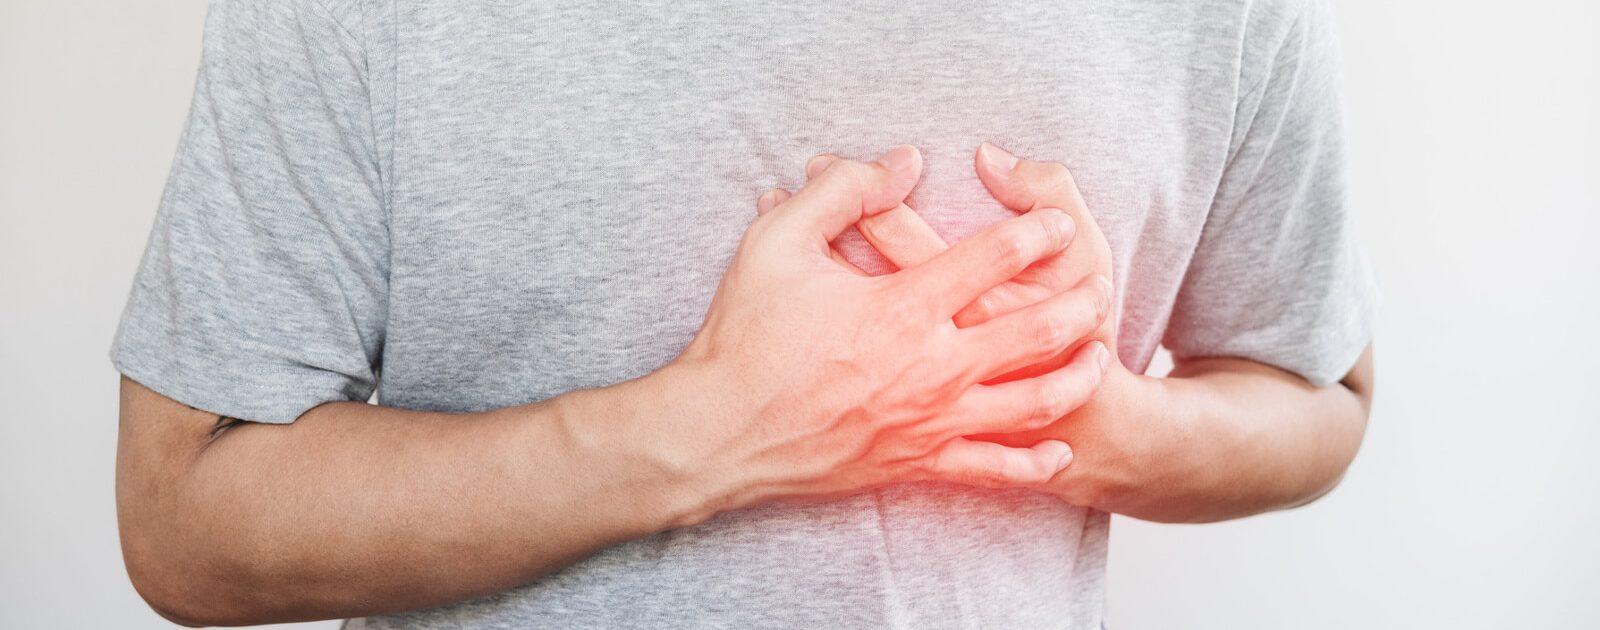 Mann, der am Roemheld-Syndrom leidet, hält sich die Brust aufgrund von Herzinfarkt-ähnlichen Schmerzen